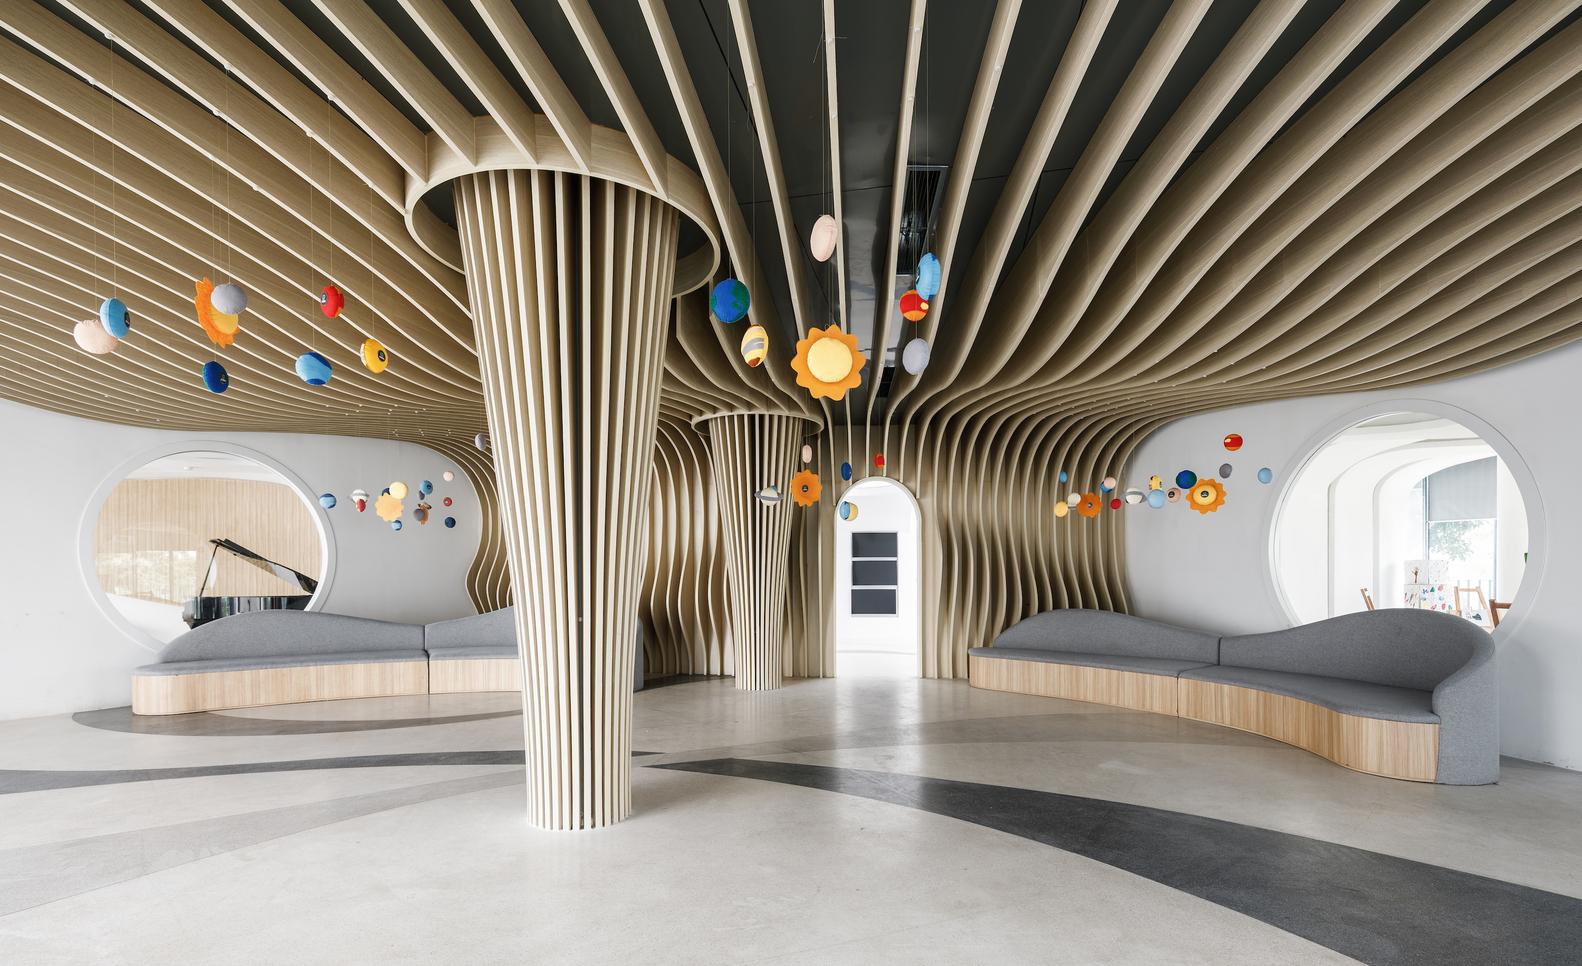 Hình ảnh bên trong trường mẫu giáo với hệ trần, cột bằng gỗ màu sáng, trang trí màu sắc bắt mắt